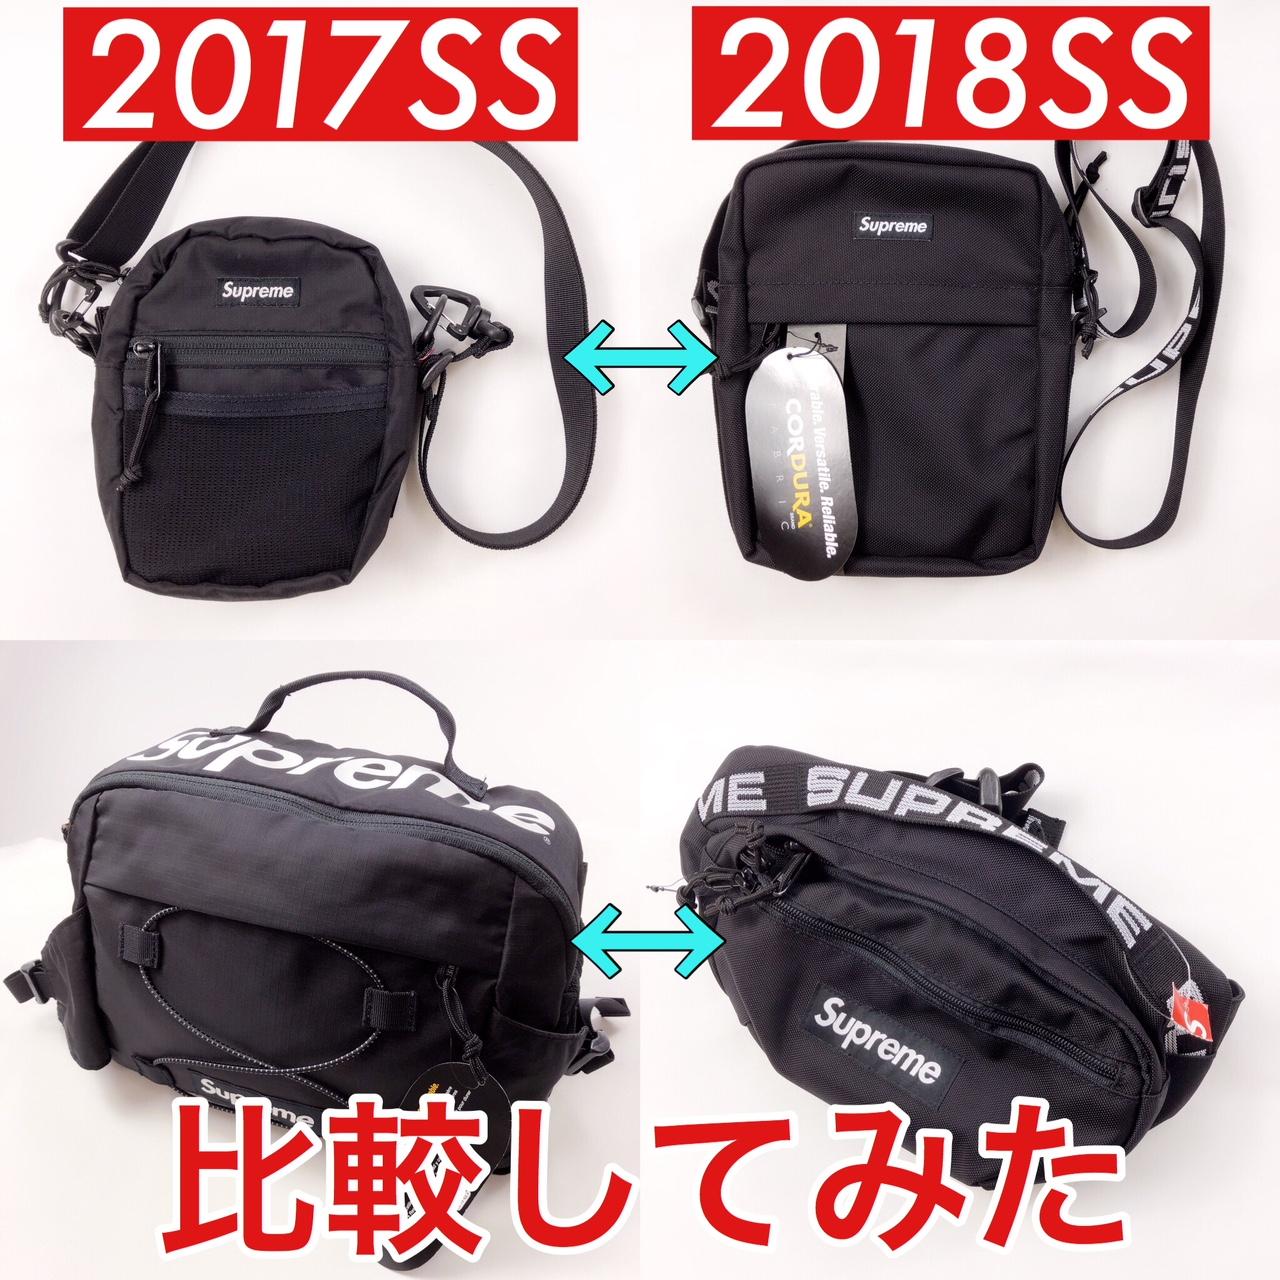 Supreme シュプリーム waist bag shoulder bag ウエストバッグ ショルダーバッグ 古着 大阪 メメモリ mememori box logo ボックスロゴ 堀江 通販